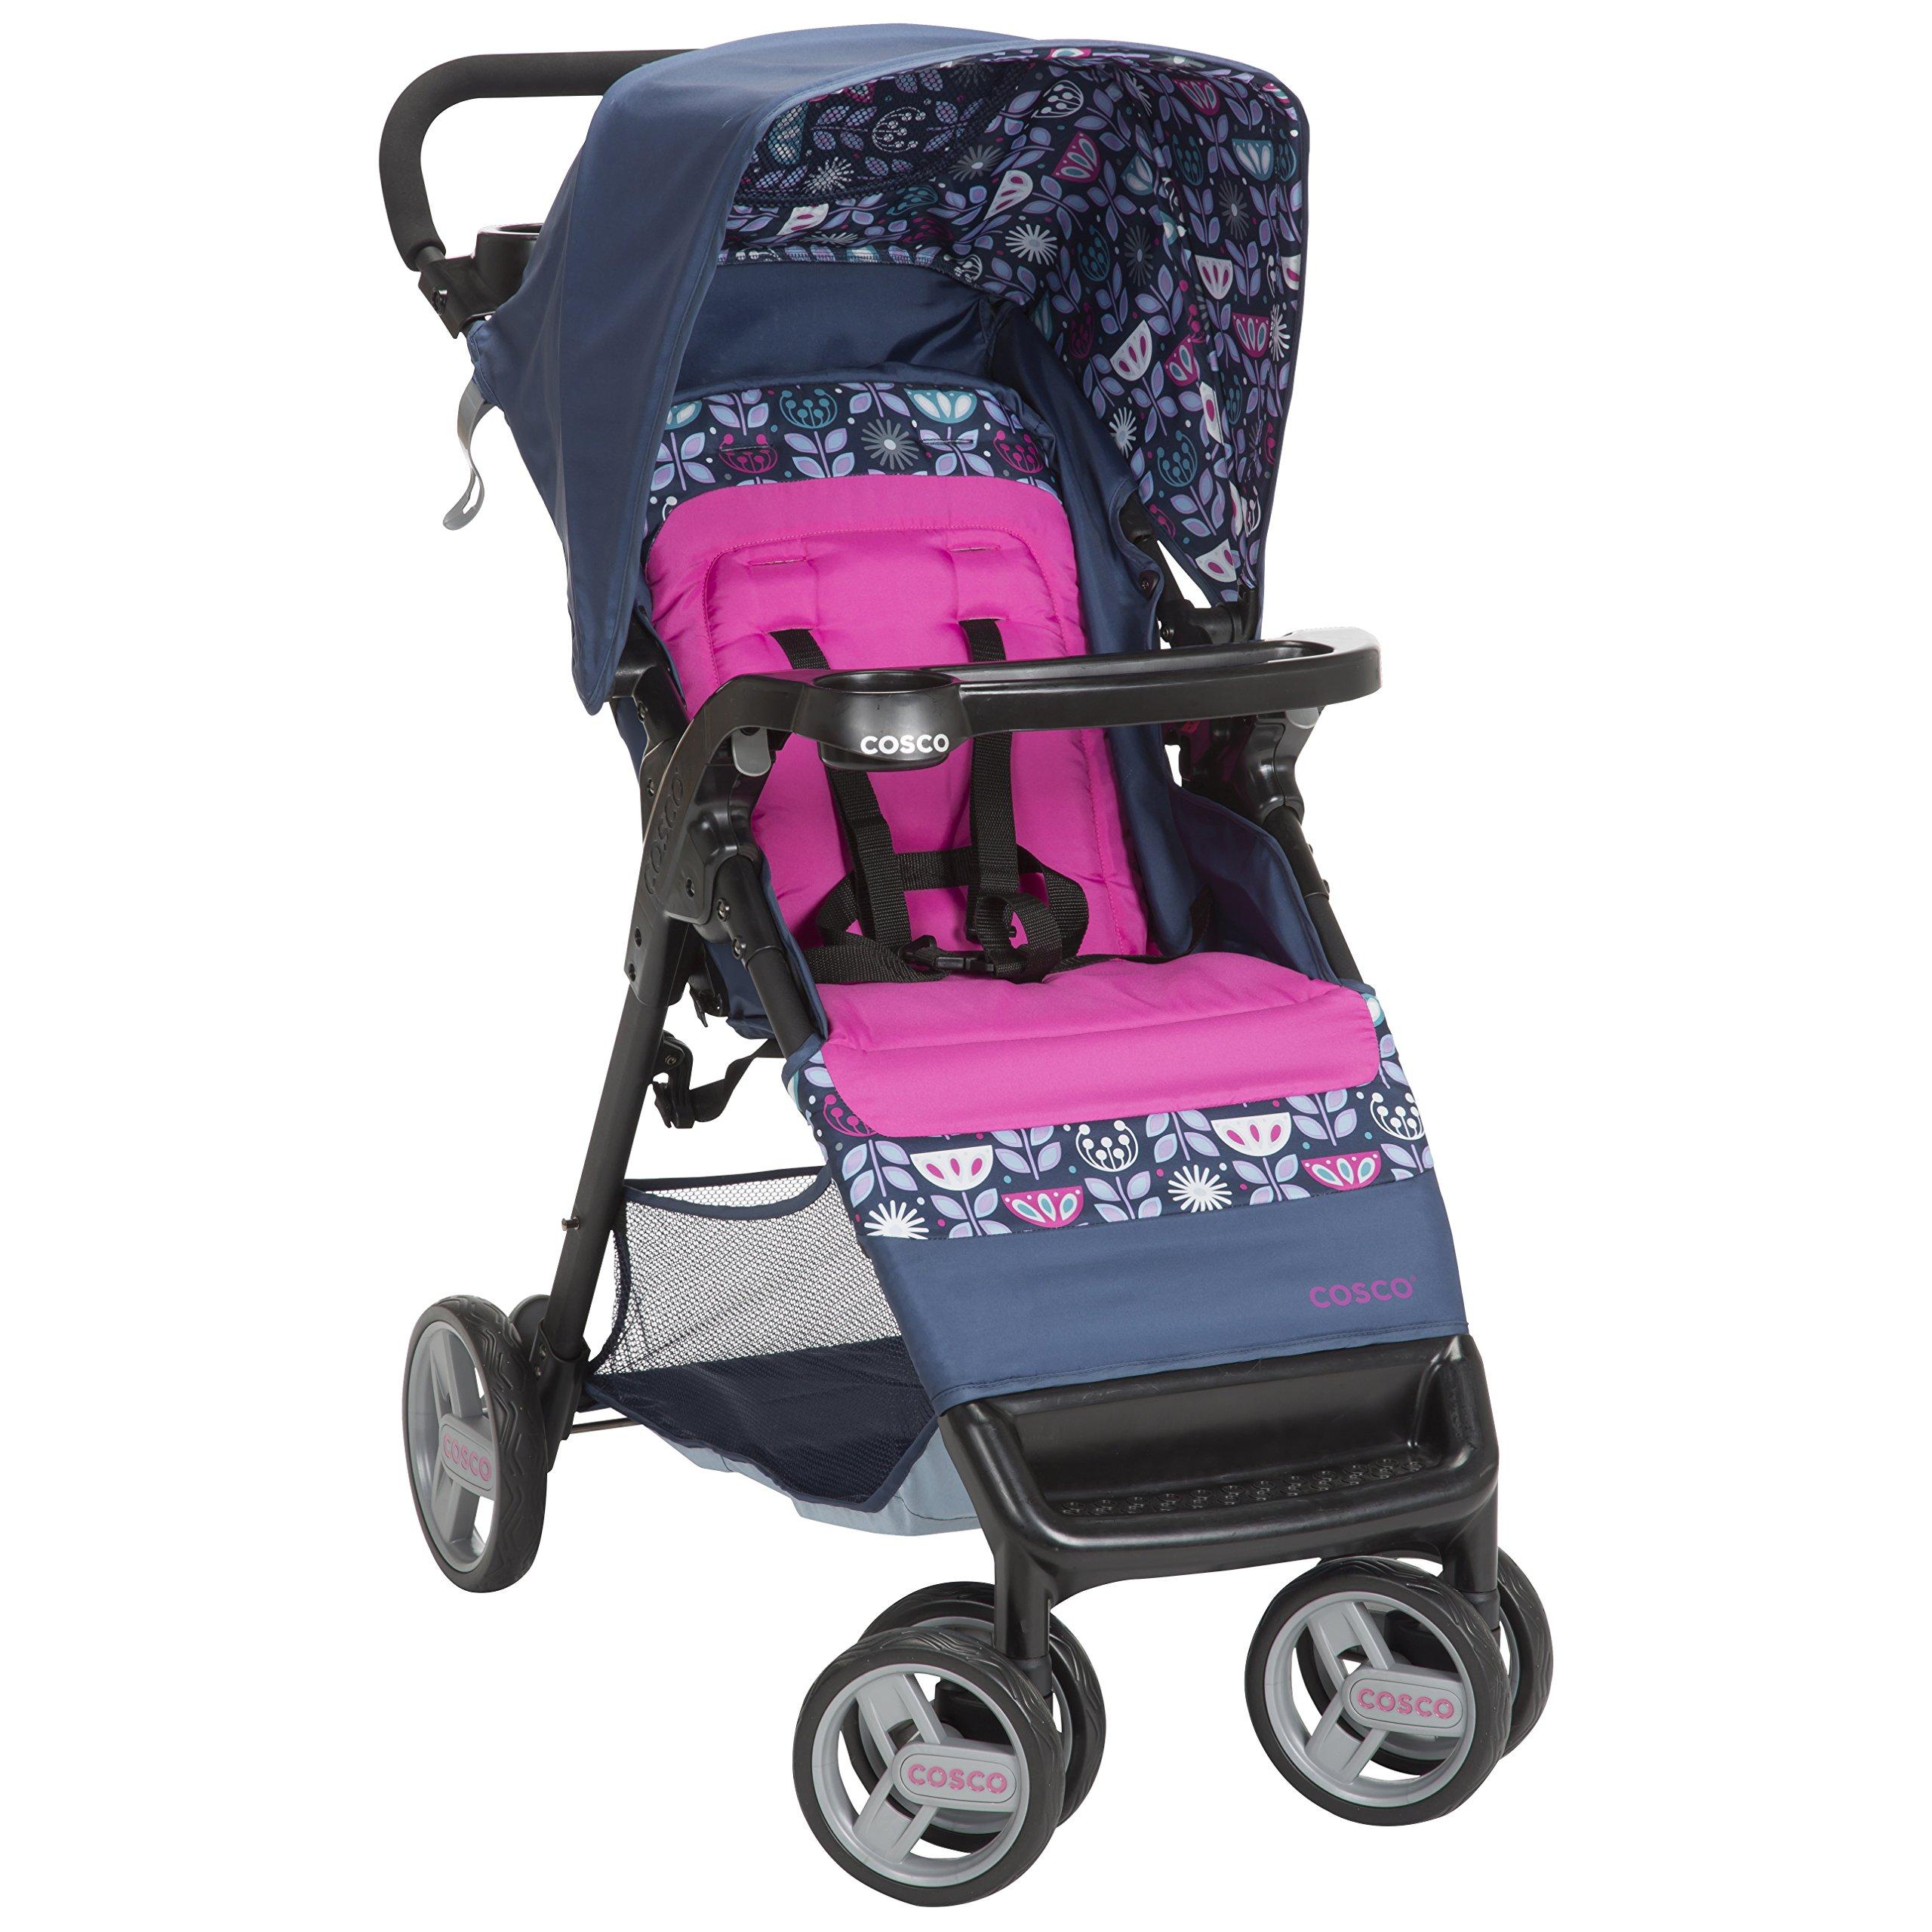 Cosco Simple Fold Stroller, Poppy Field